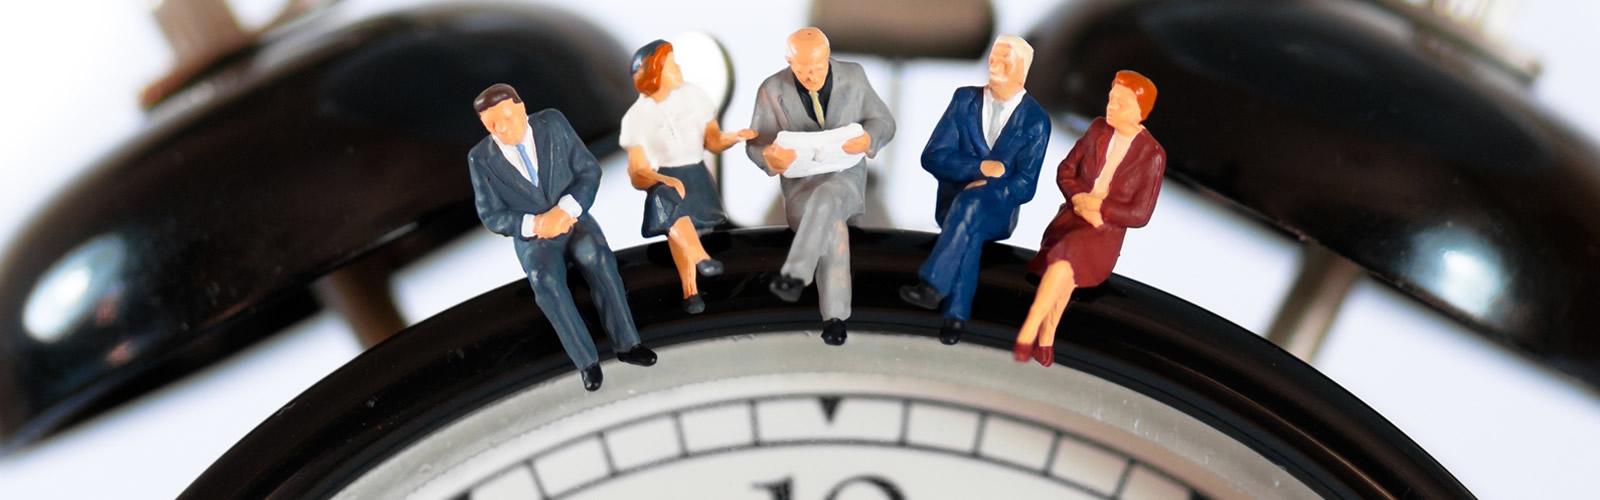 Managing teams in varying time zones